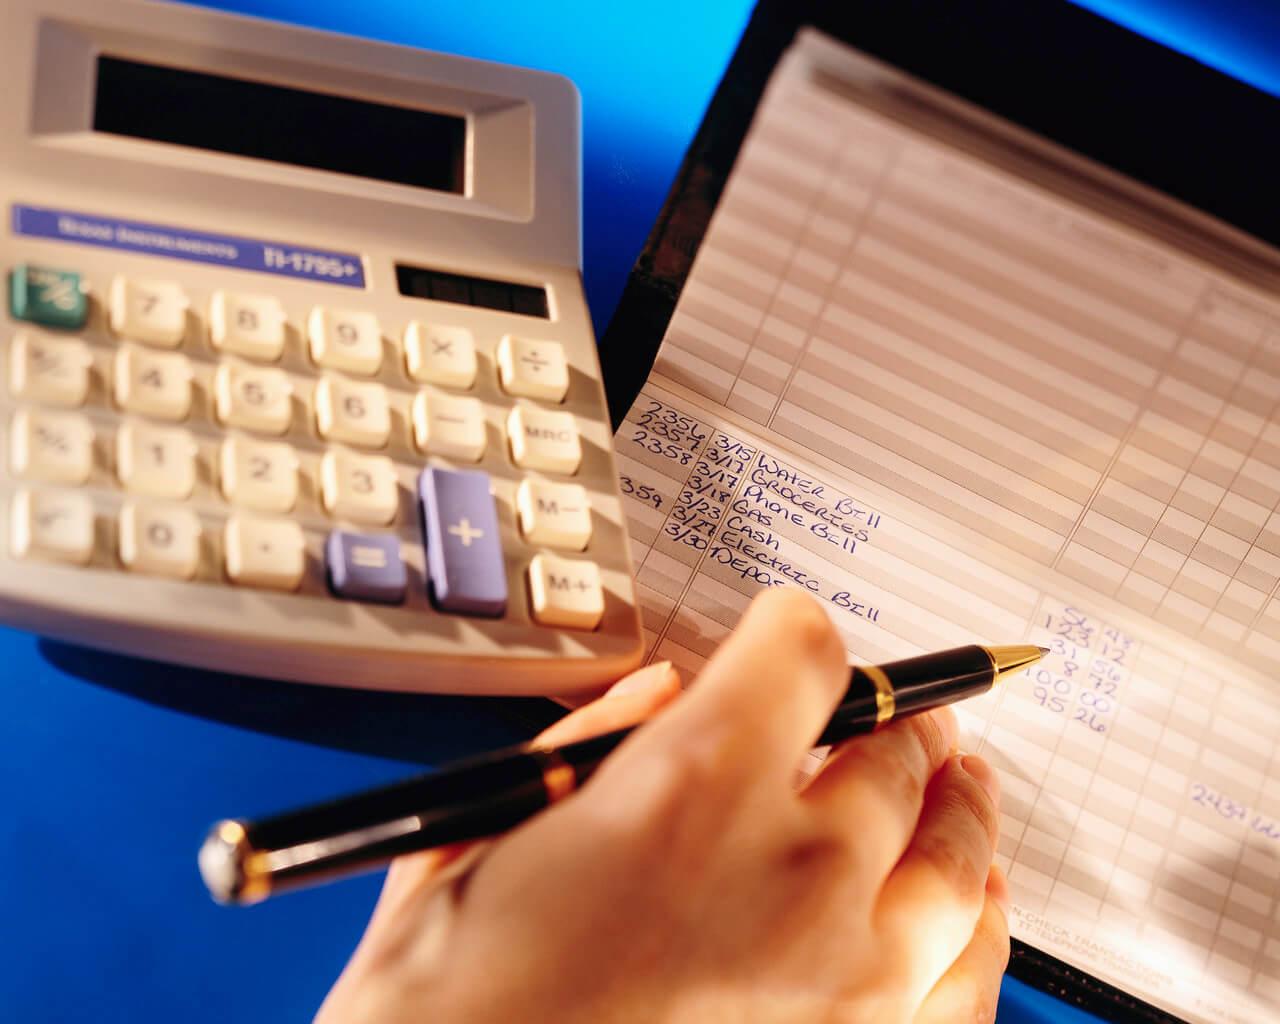 روش خوداظهاری منجر به وصول ۸۵ درصد مالیات ارزش افزوده شده است